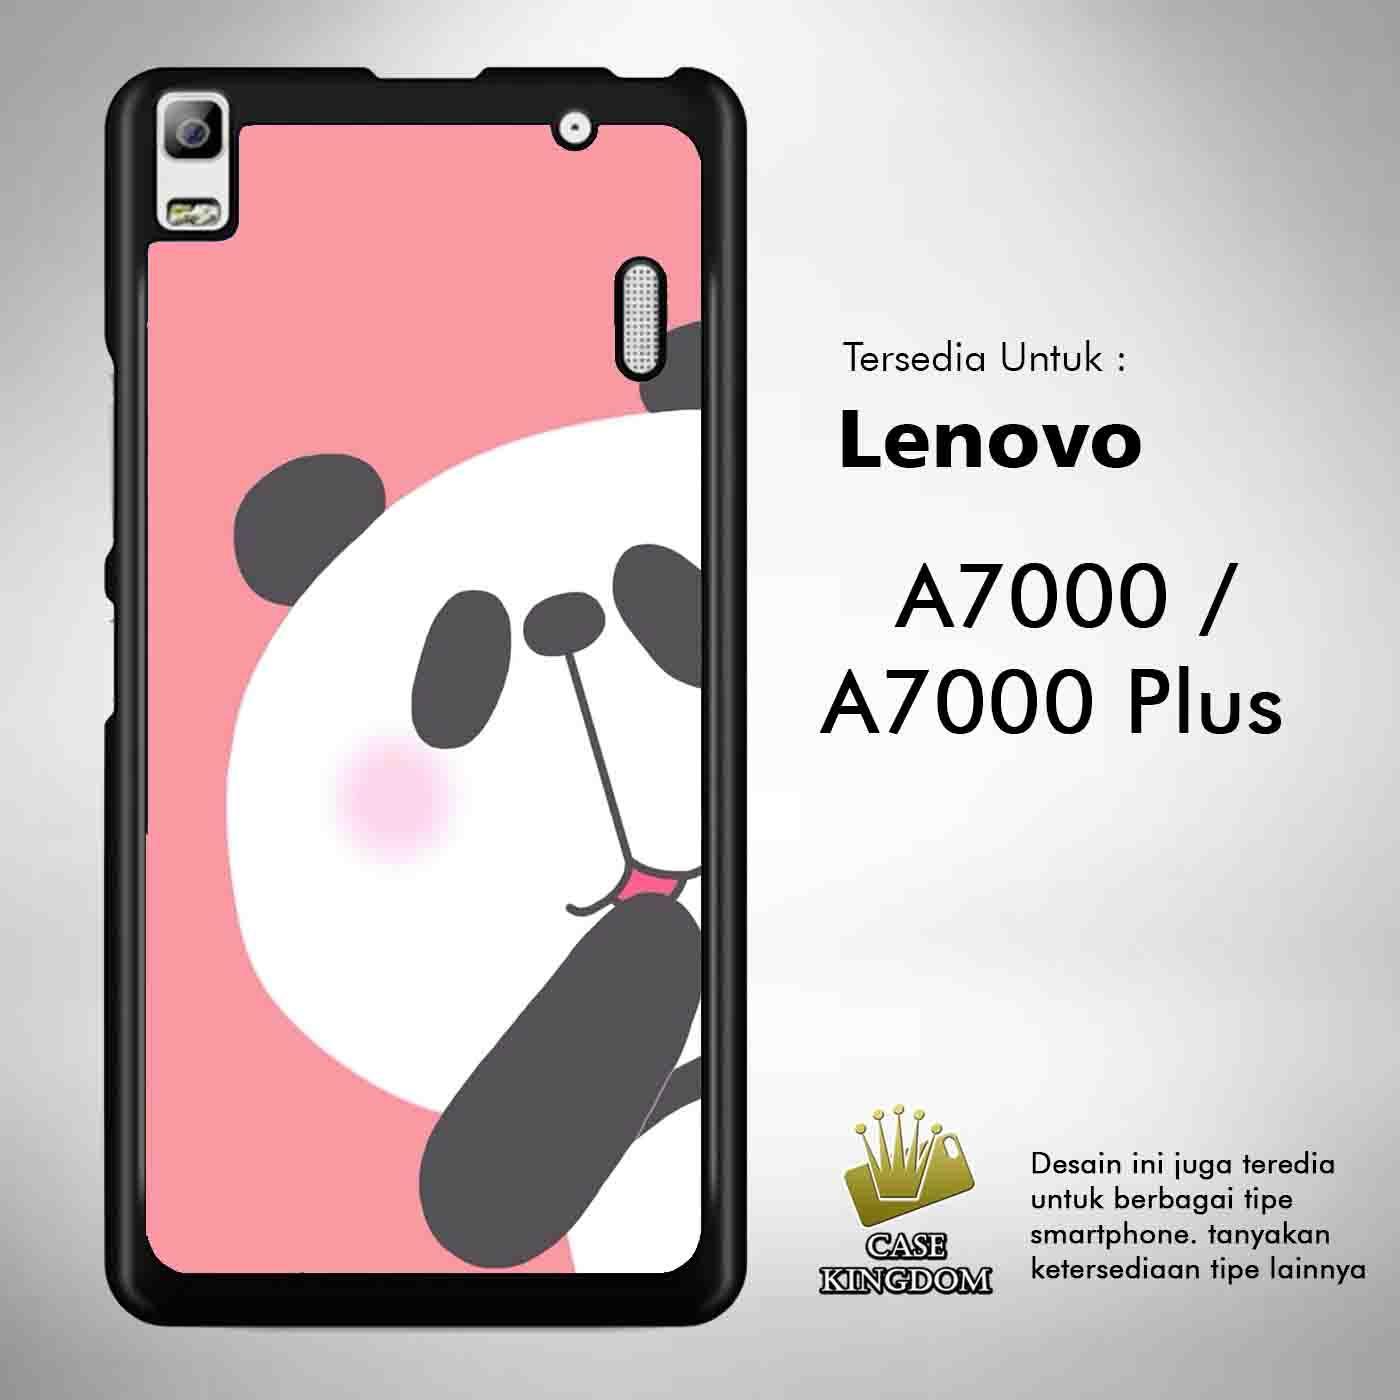 Accessories Hp Lenovo A7000 Plus Metal Bumper Backcase Biru Source · Girly Cute